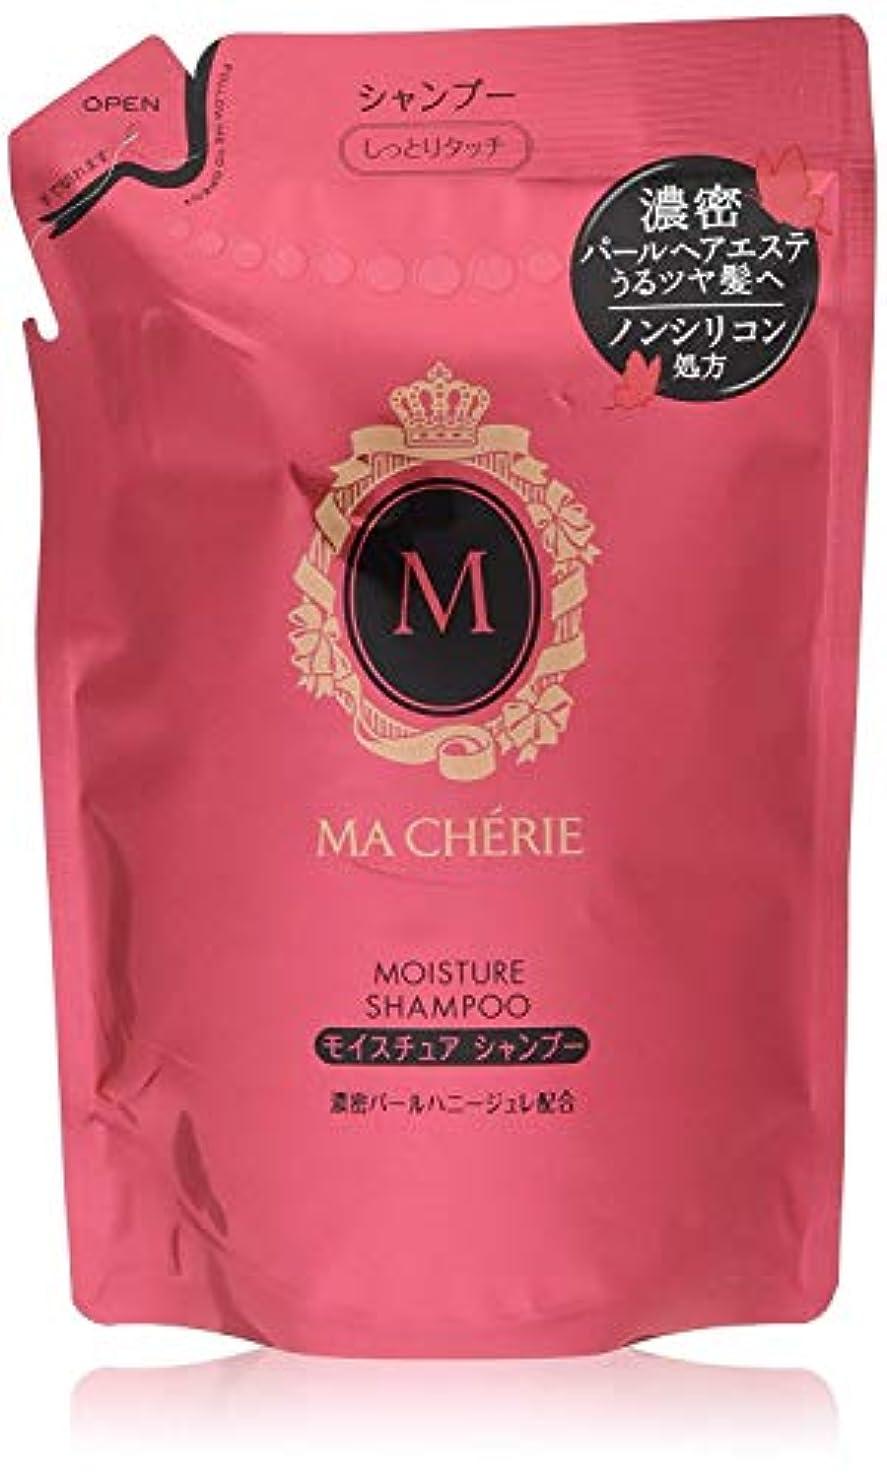 爵マーカー例外マシェリ モイスチュア シャンプー 詰め替え用 (しっとり まとまる) 380ml 【おまけ付】